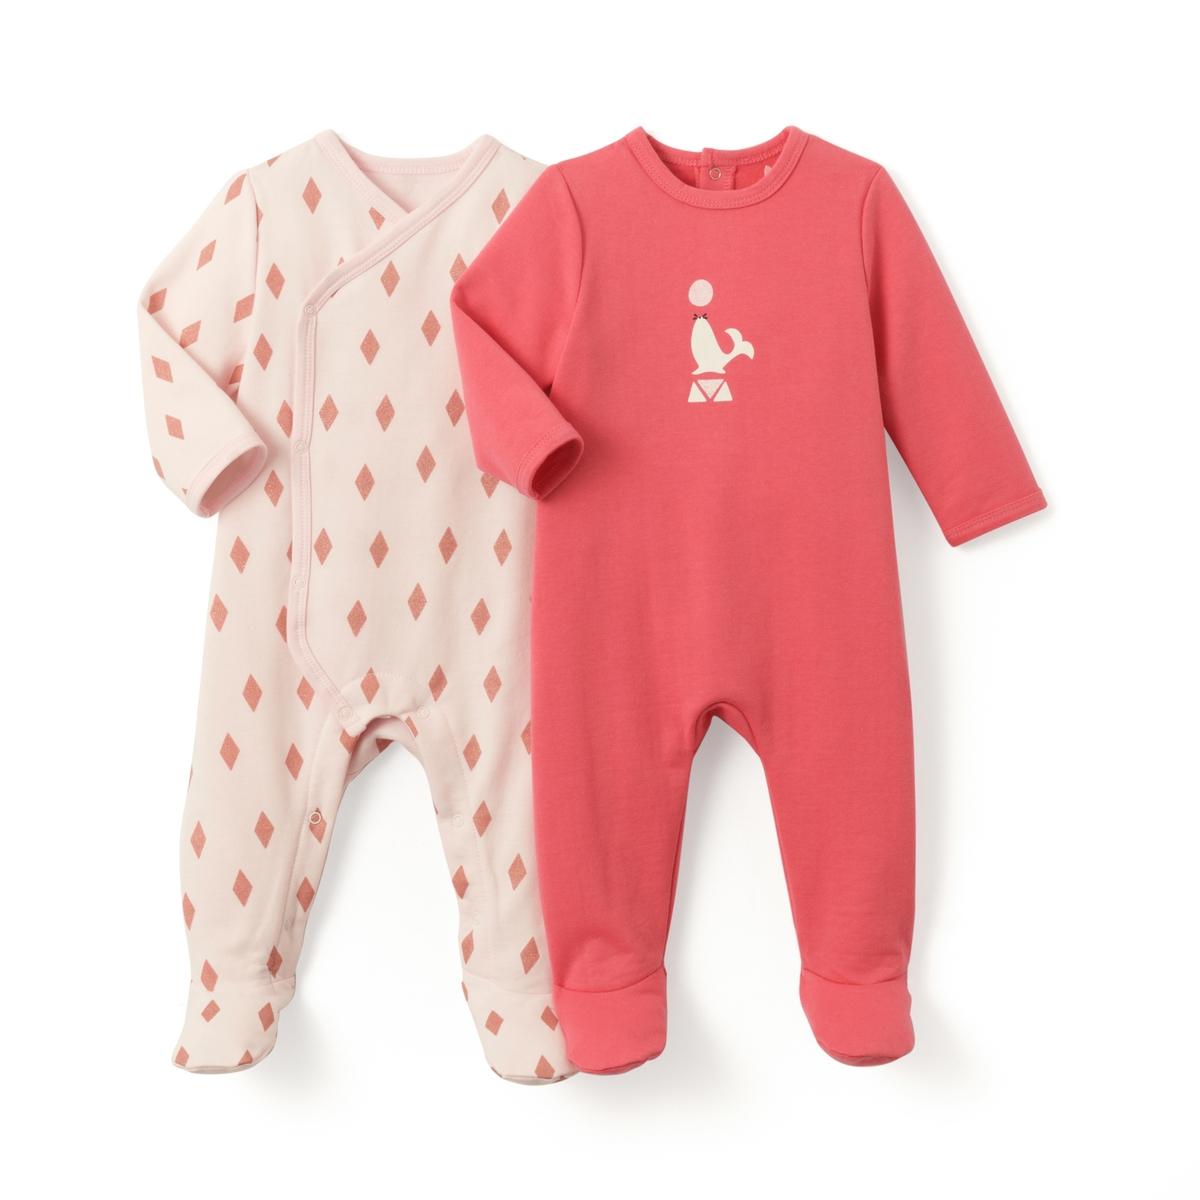 2 пижамы из мольтона, 0 мес. - 3 годаПижама из мольтона. В комплекте 2 пижамы : 1 пижама с рисунком блестящий ромб + 1 пижама с рисунком морской котик. 1 пижама с круглым вырезом и застежкой и клапаном на кнопках сзади и 1 пижама с запахом. Носочки с противоскользящим эффектом от 12 месяцев (74 см), эластичные вставки сзади для лучшей поддержки. Верх пижамы без этикетки, чтобы не вызывать раздражение или зуд на коже ребенка.Товарный знак Oeko-Tex®. Знак Oeko-Tex® гарантирует, что товары прошли проверку и были изготовлены без применения вредных для здоровья человека веществ.Состав и описание :    Материал       мольтон,  60% хлопка, 40% полиэстера  Уход : Машинная стирка при 40 °C в умеренном режиме с вещами схожих цветов. Стирать, сушить и гладить с изнаночной стороны. Машинная сушка на умеренном режиме. Гладить при низкой температуре.  * Международный знак Oeko-tex гарантирует отсутствие вредных или раздражающих кожу веществ.<br><br>Цвет: розовый<br>Размер: 2 года - 86 см.3 года - 94 см.1 год - 74 см.0 мес. - 50 см.1 мес. - 54 см.3 мес. - 60 см